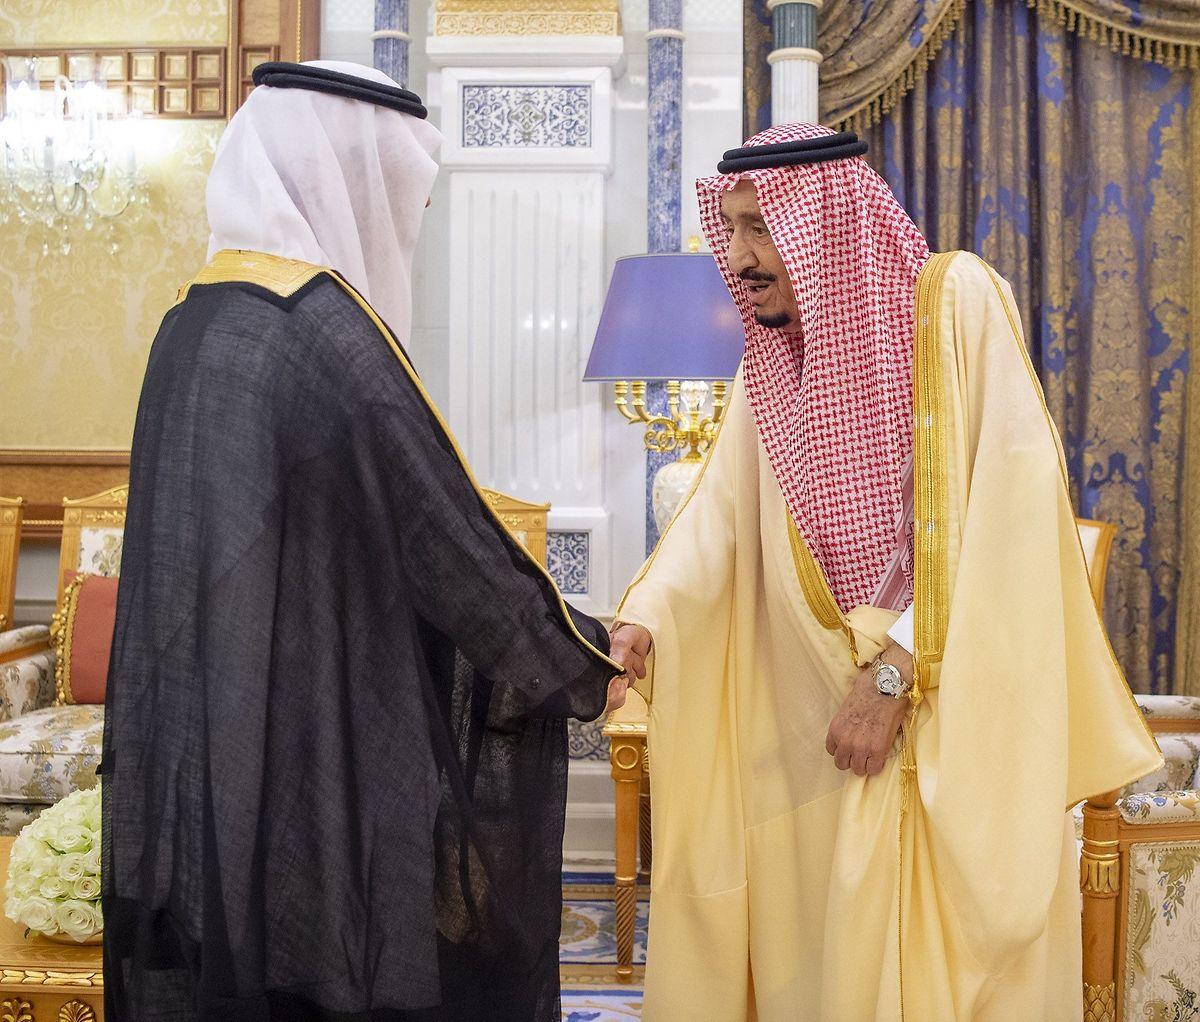 Dieses Bild vom Sonntag zeigt den saudischen König Salman (rechts), wie er einen hohen Beamten begrüßt. Der Gesundheitszustand des 84-Jährigen ist offenbar gut.